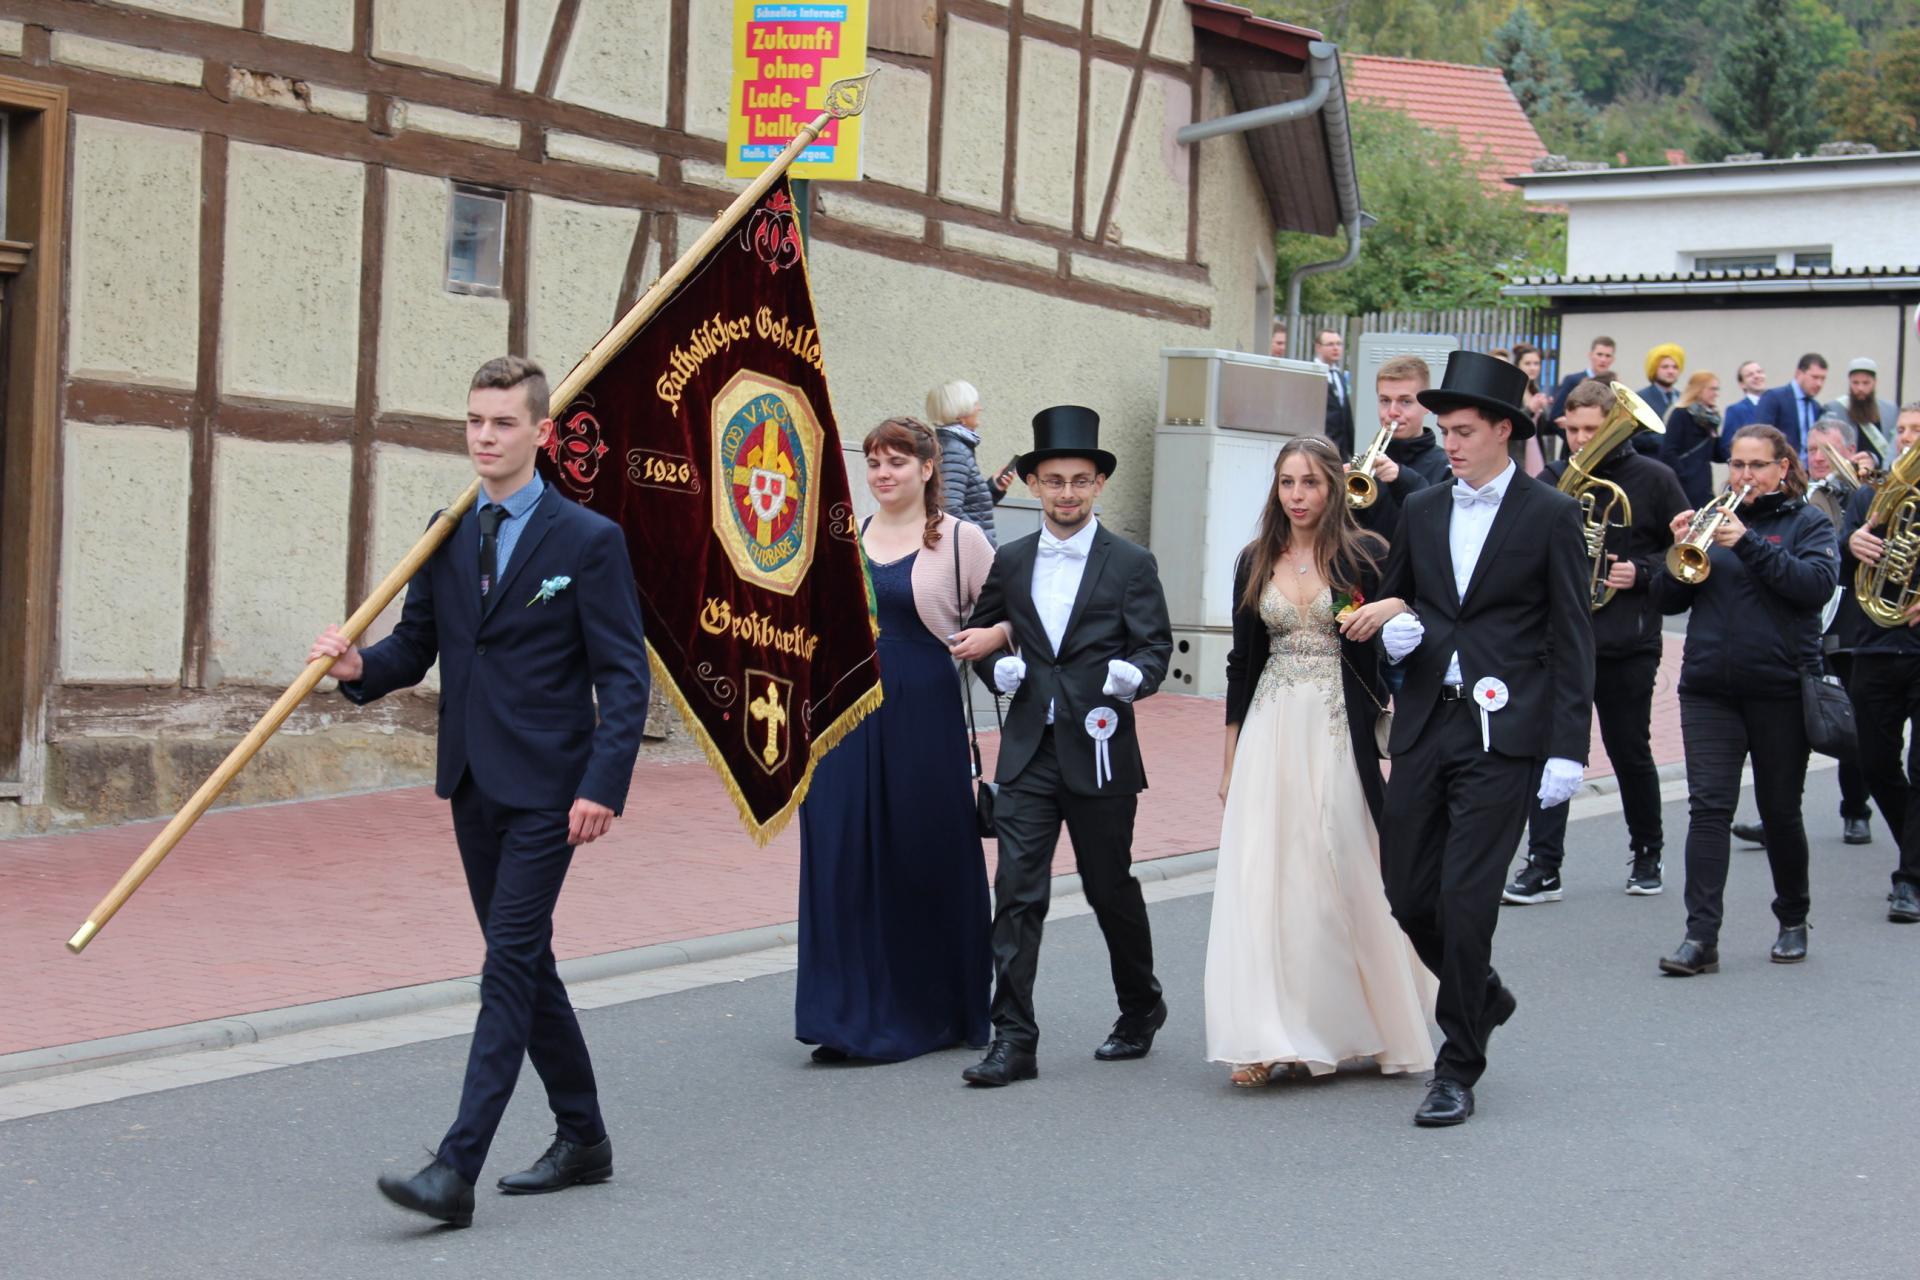 Burschenkirmesverein